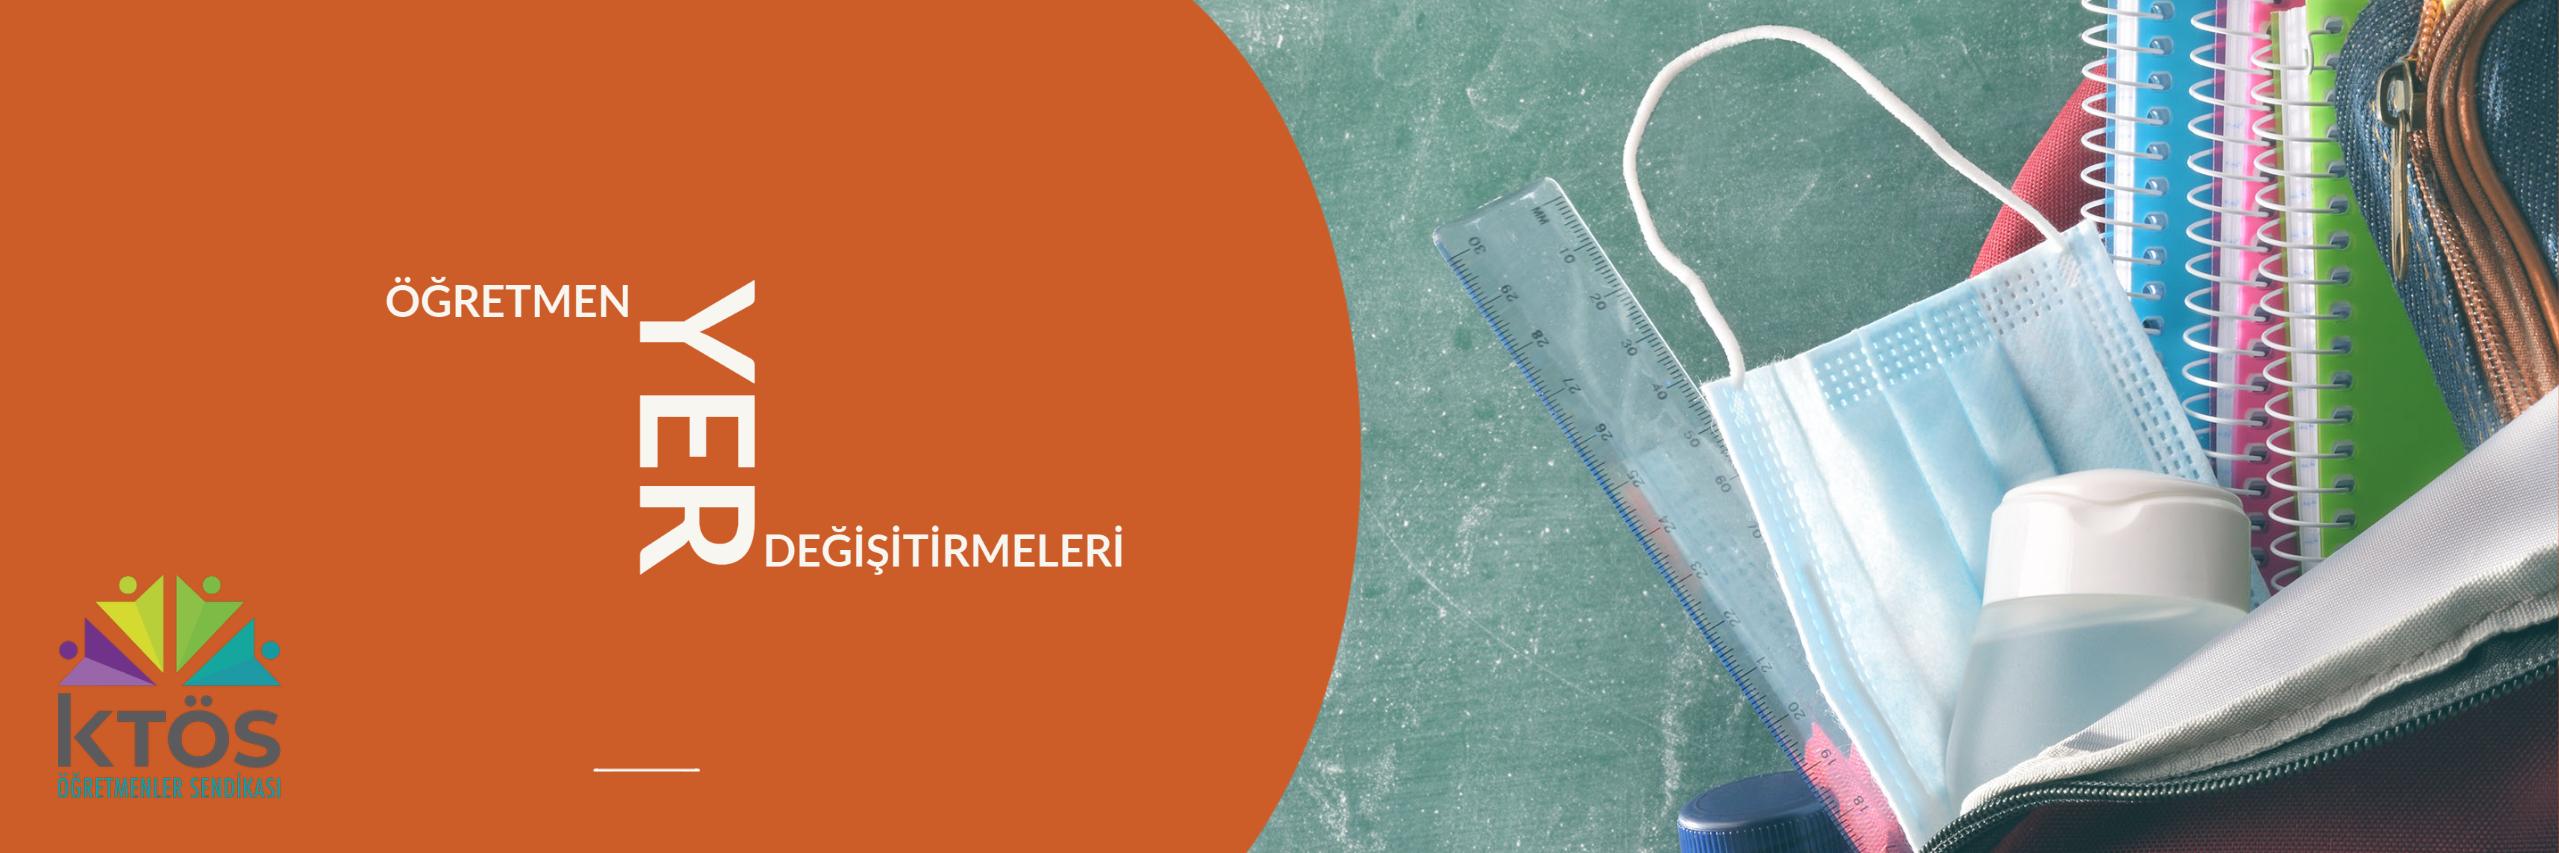 Lefkoşa'daki yeni okula nakil dilekçesi başvurusu yapabilirsiniz